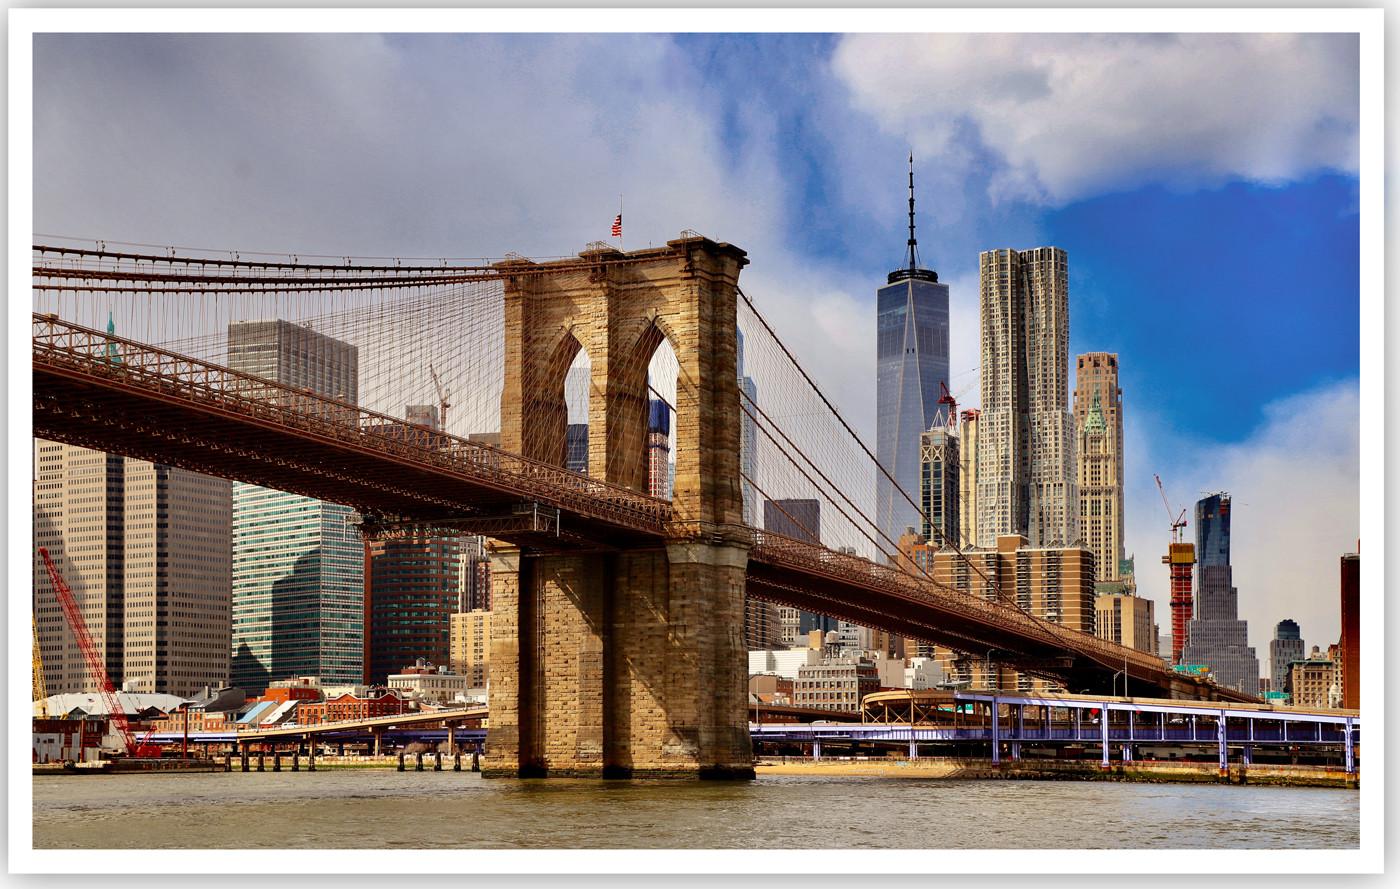 16 BROOKLYN BRIDGE NEW YORK by Dave Brooker